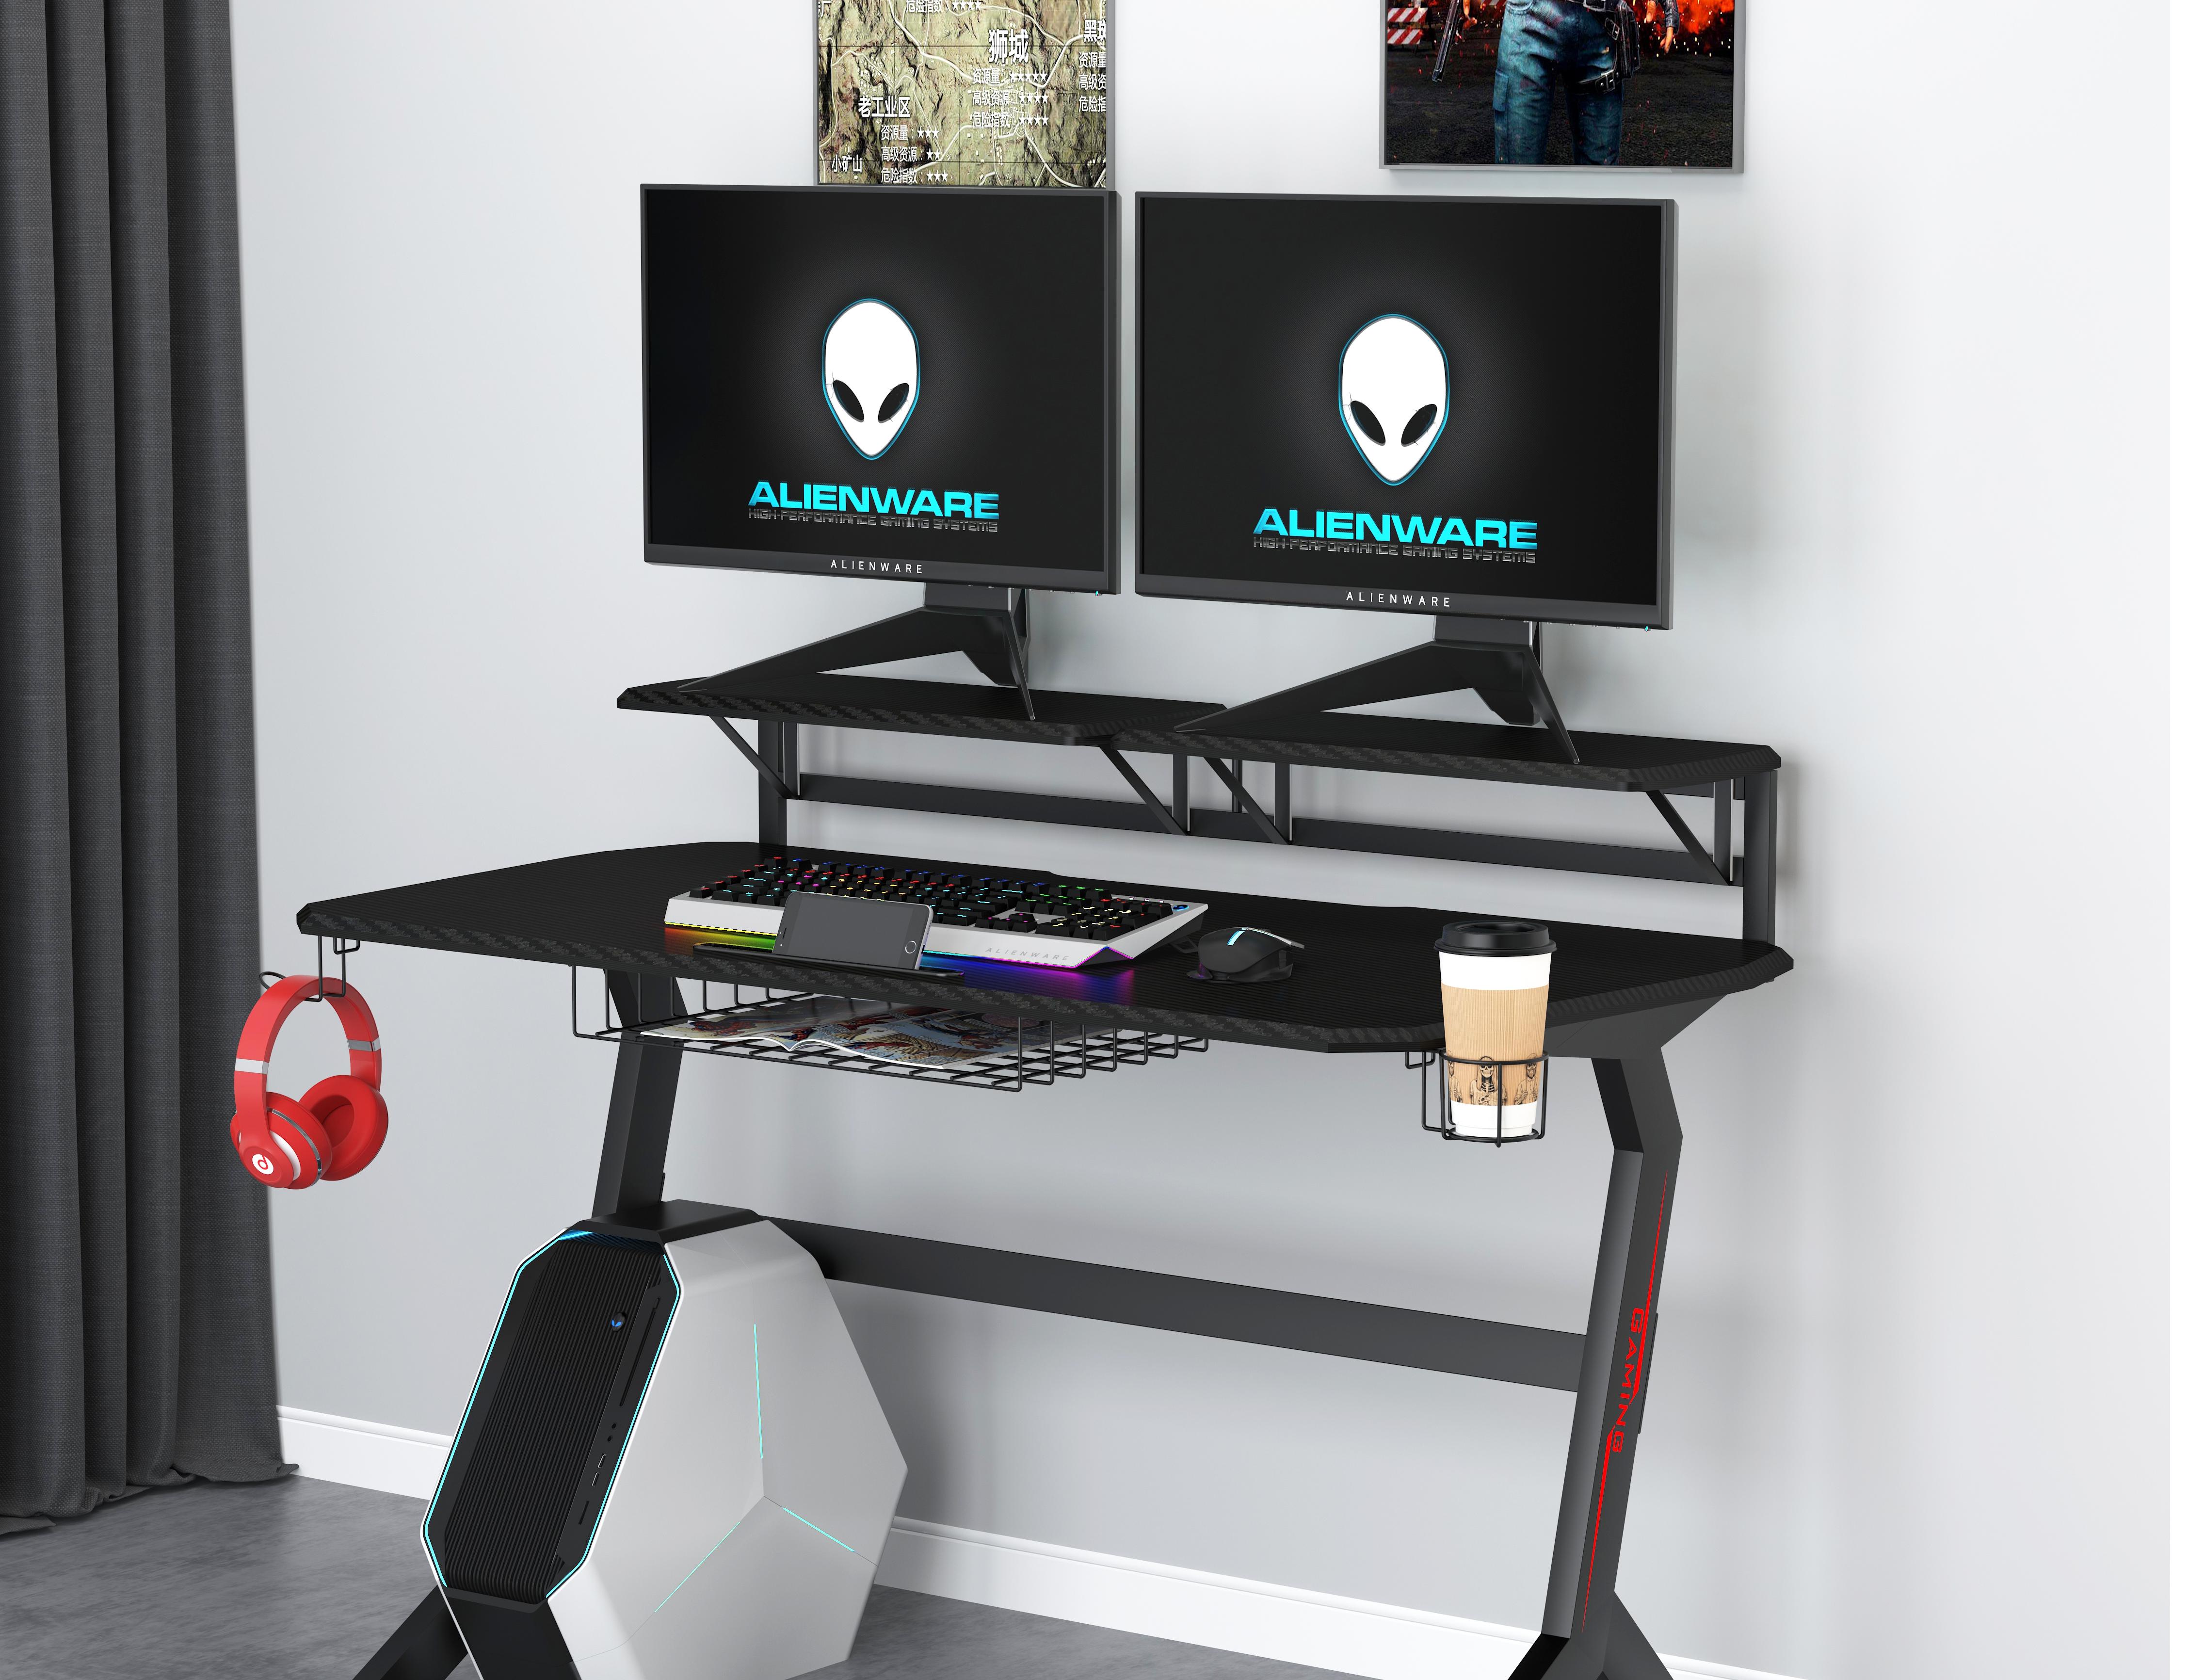 שולחן גיימינג VS שולחן מחשב רגיל